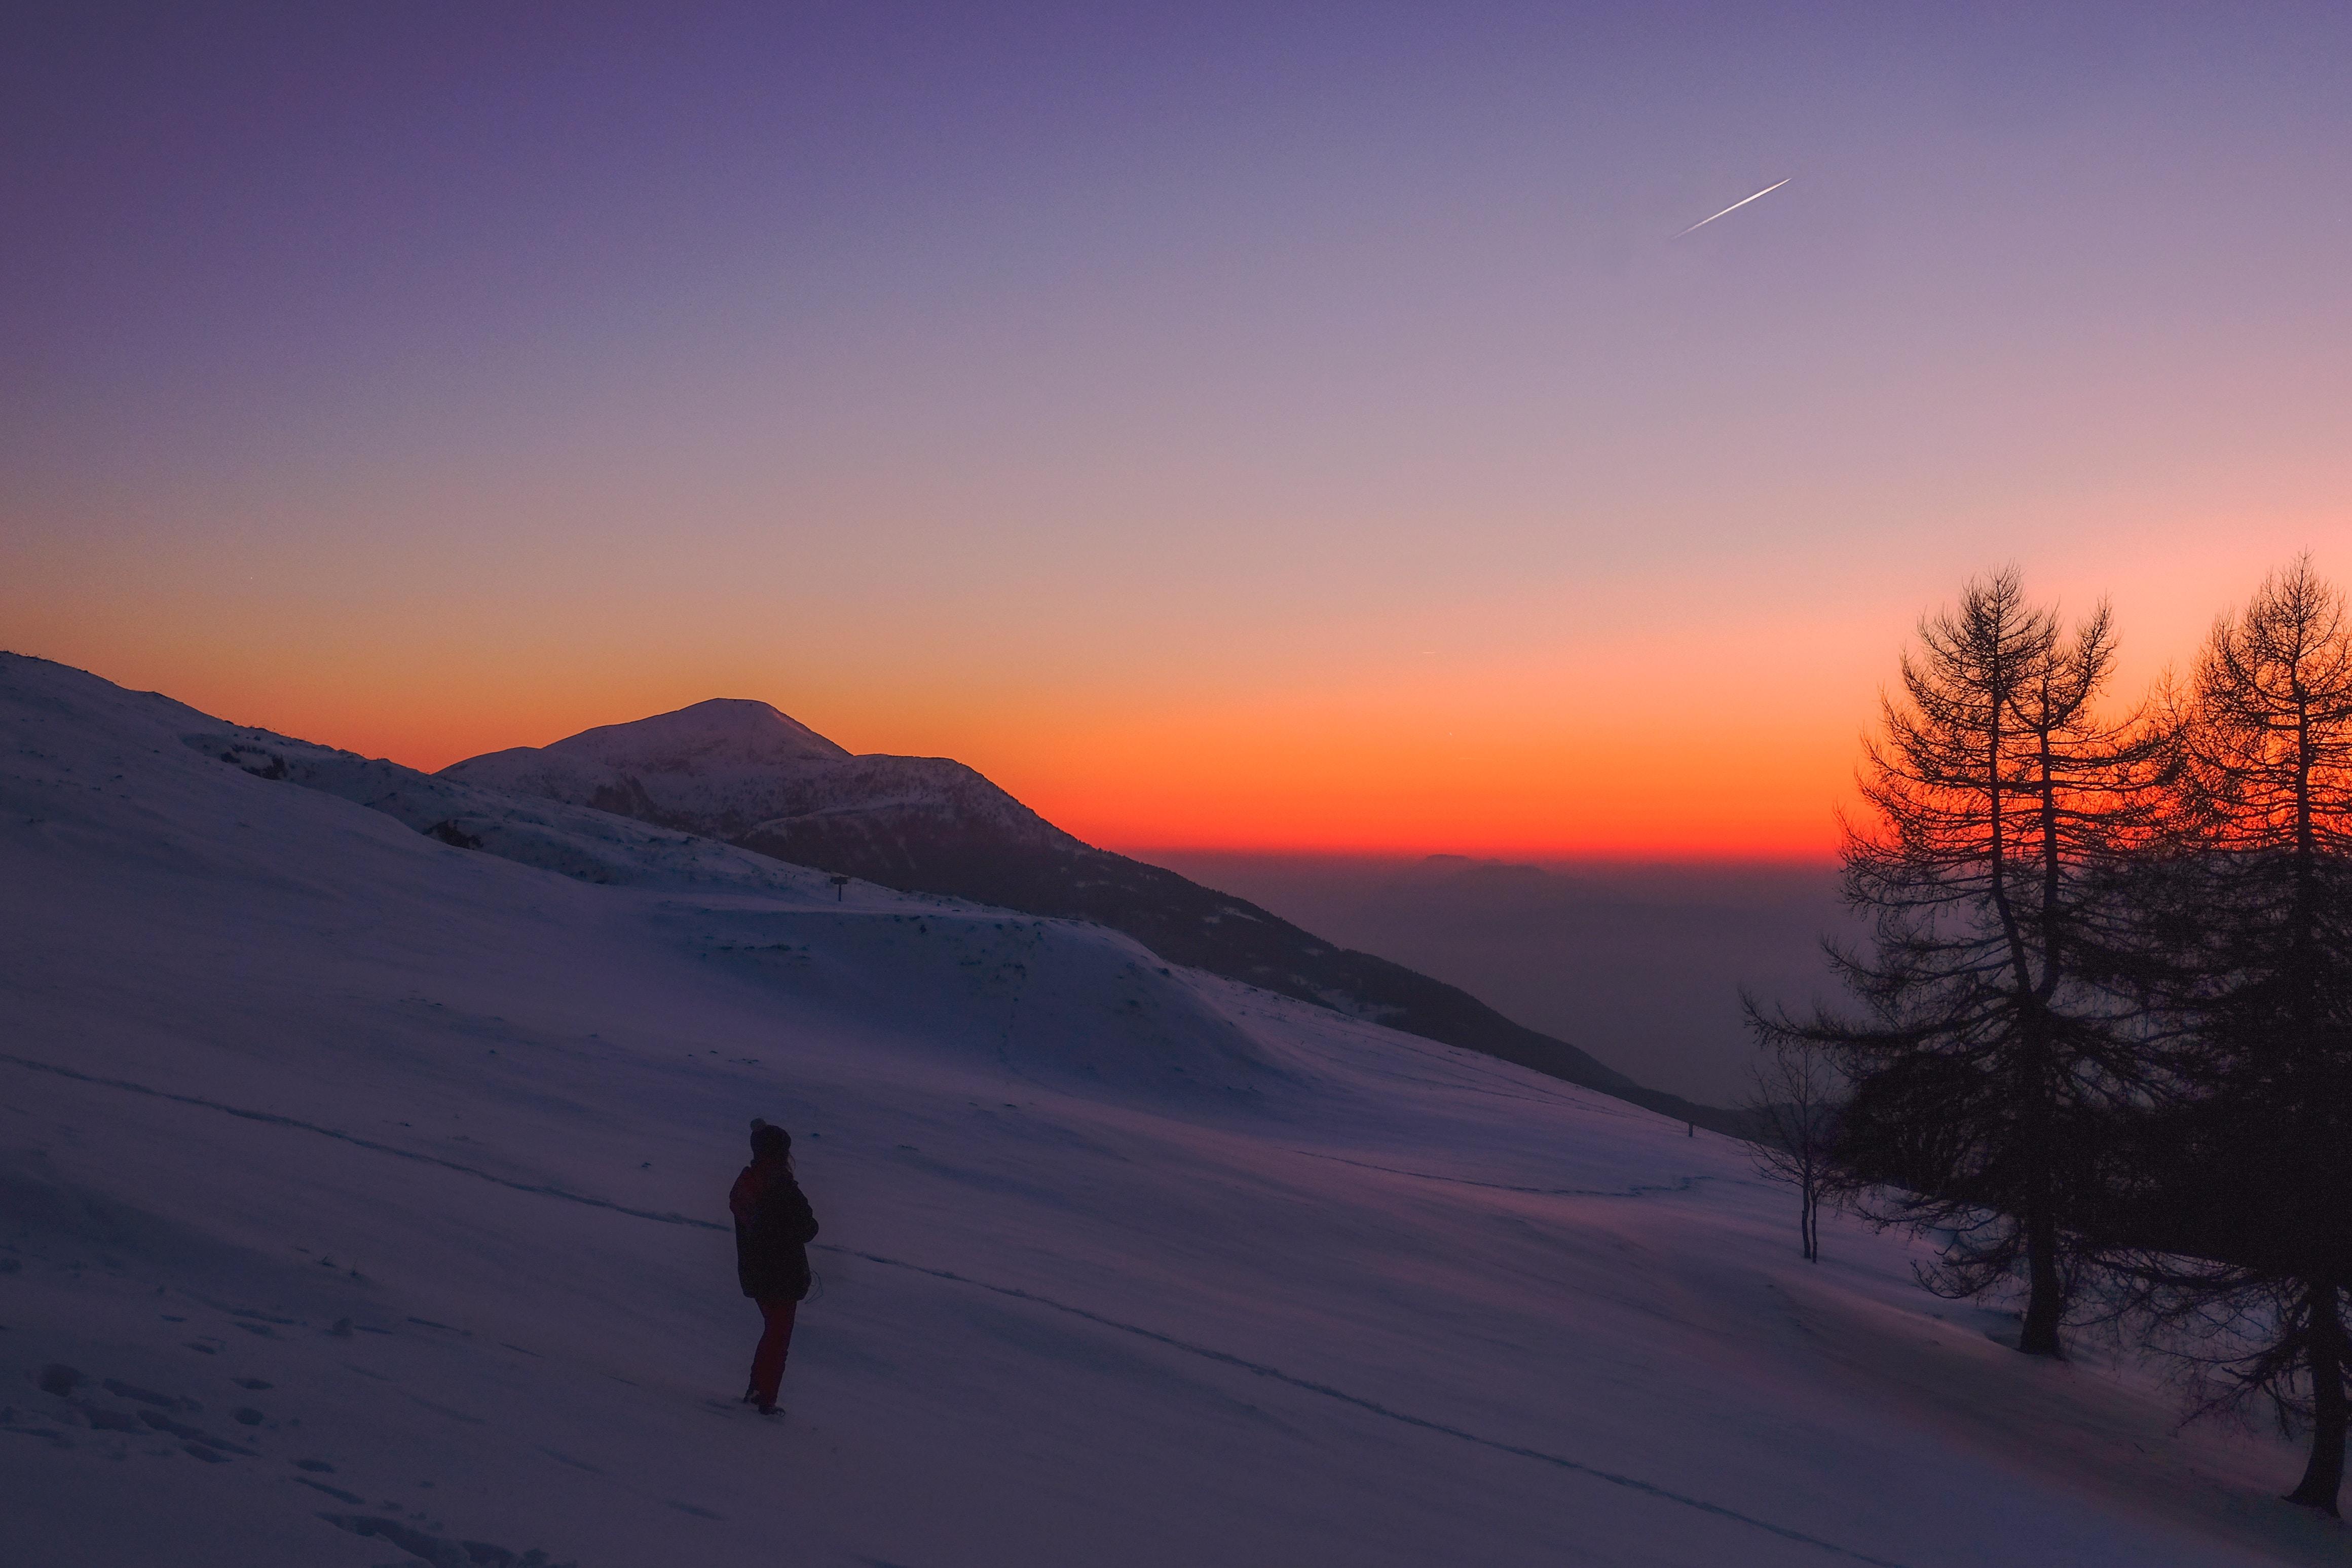 Inoubliable balade en raquettes à neige et coucher du soleil sur le Hohneck et du Ciel étoilé !